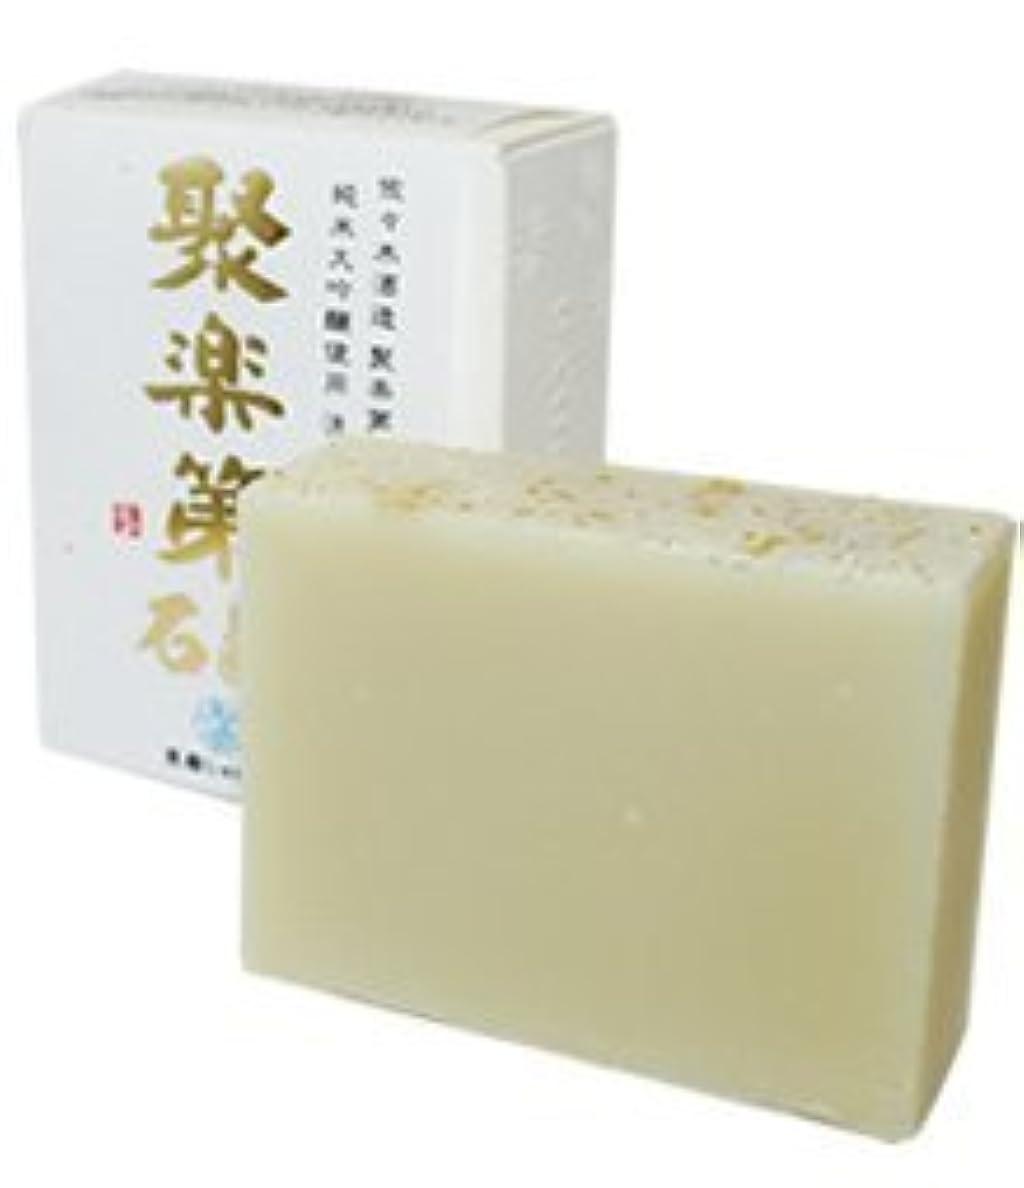 パブ太字ファイター聚楽第石鹸|石鹸屋(京都しゃぼんや×佐々木酒造)洗顔石鹸